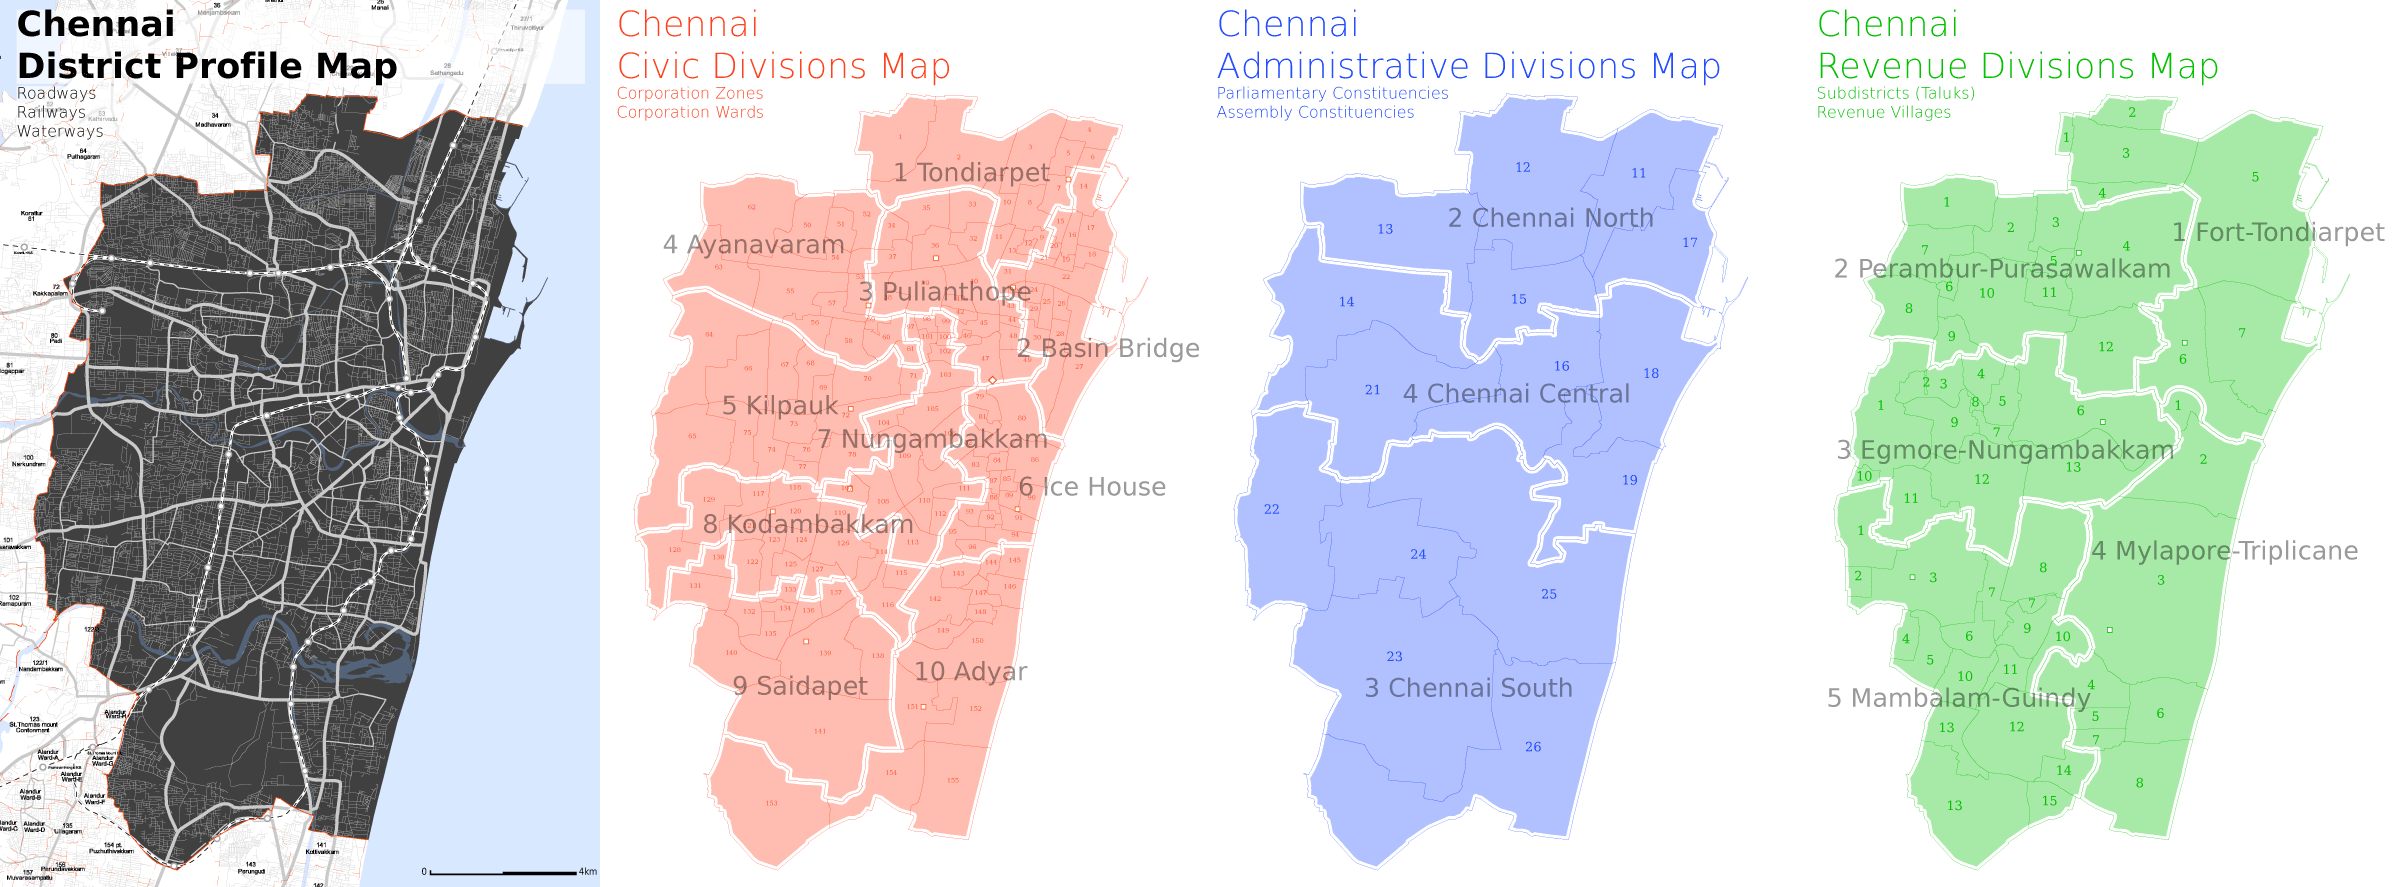 FileChennai District profile mappng Wikimedia Commons